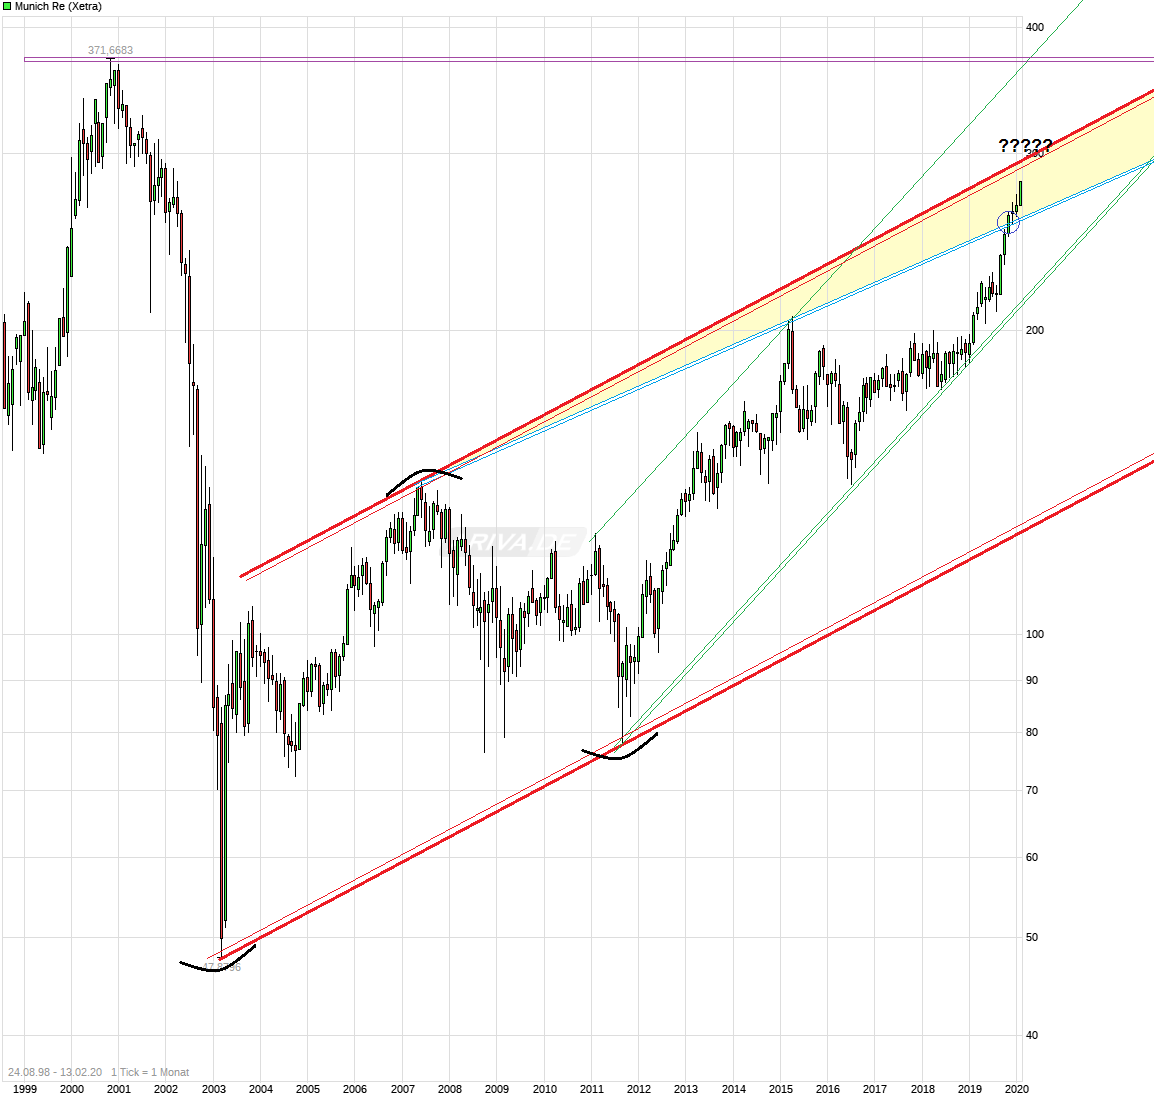 chart_free_munichre.png